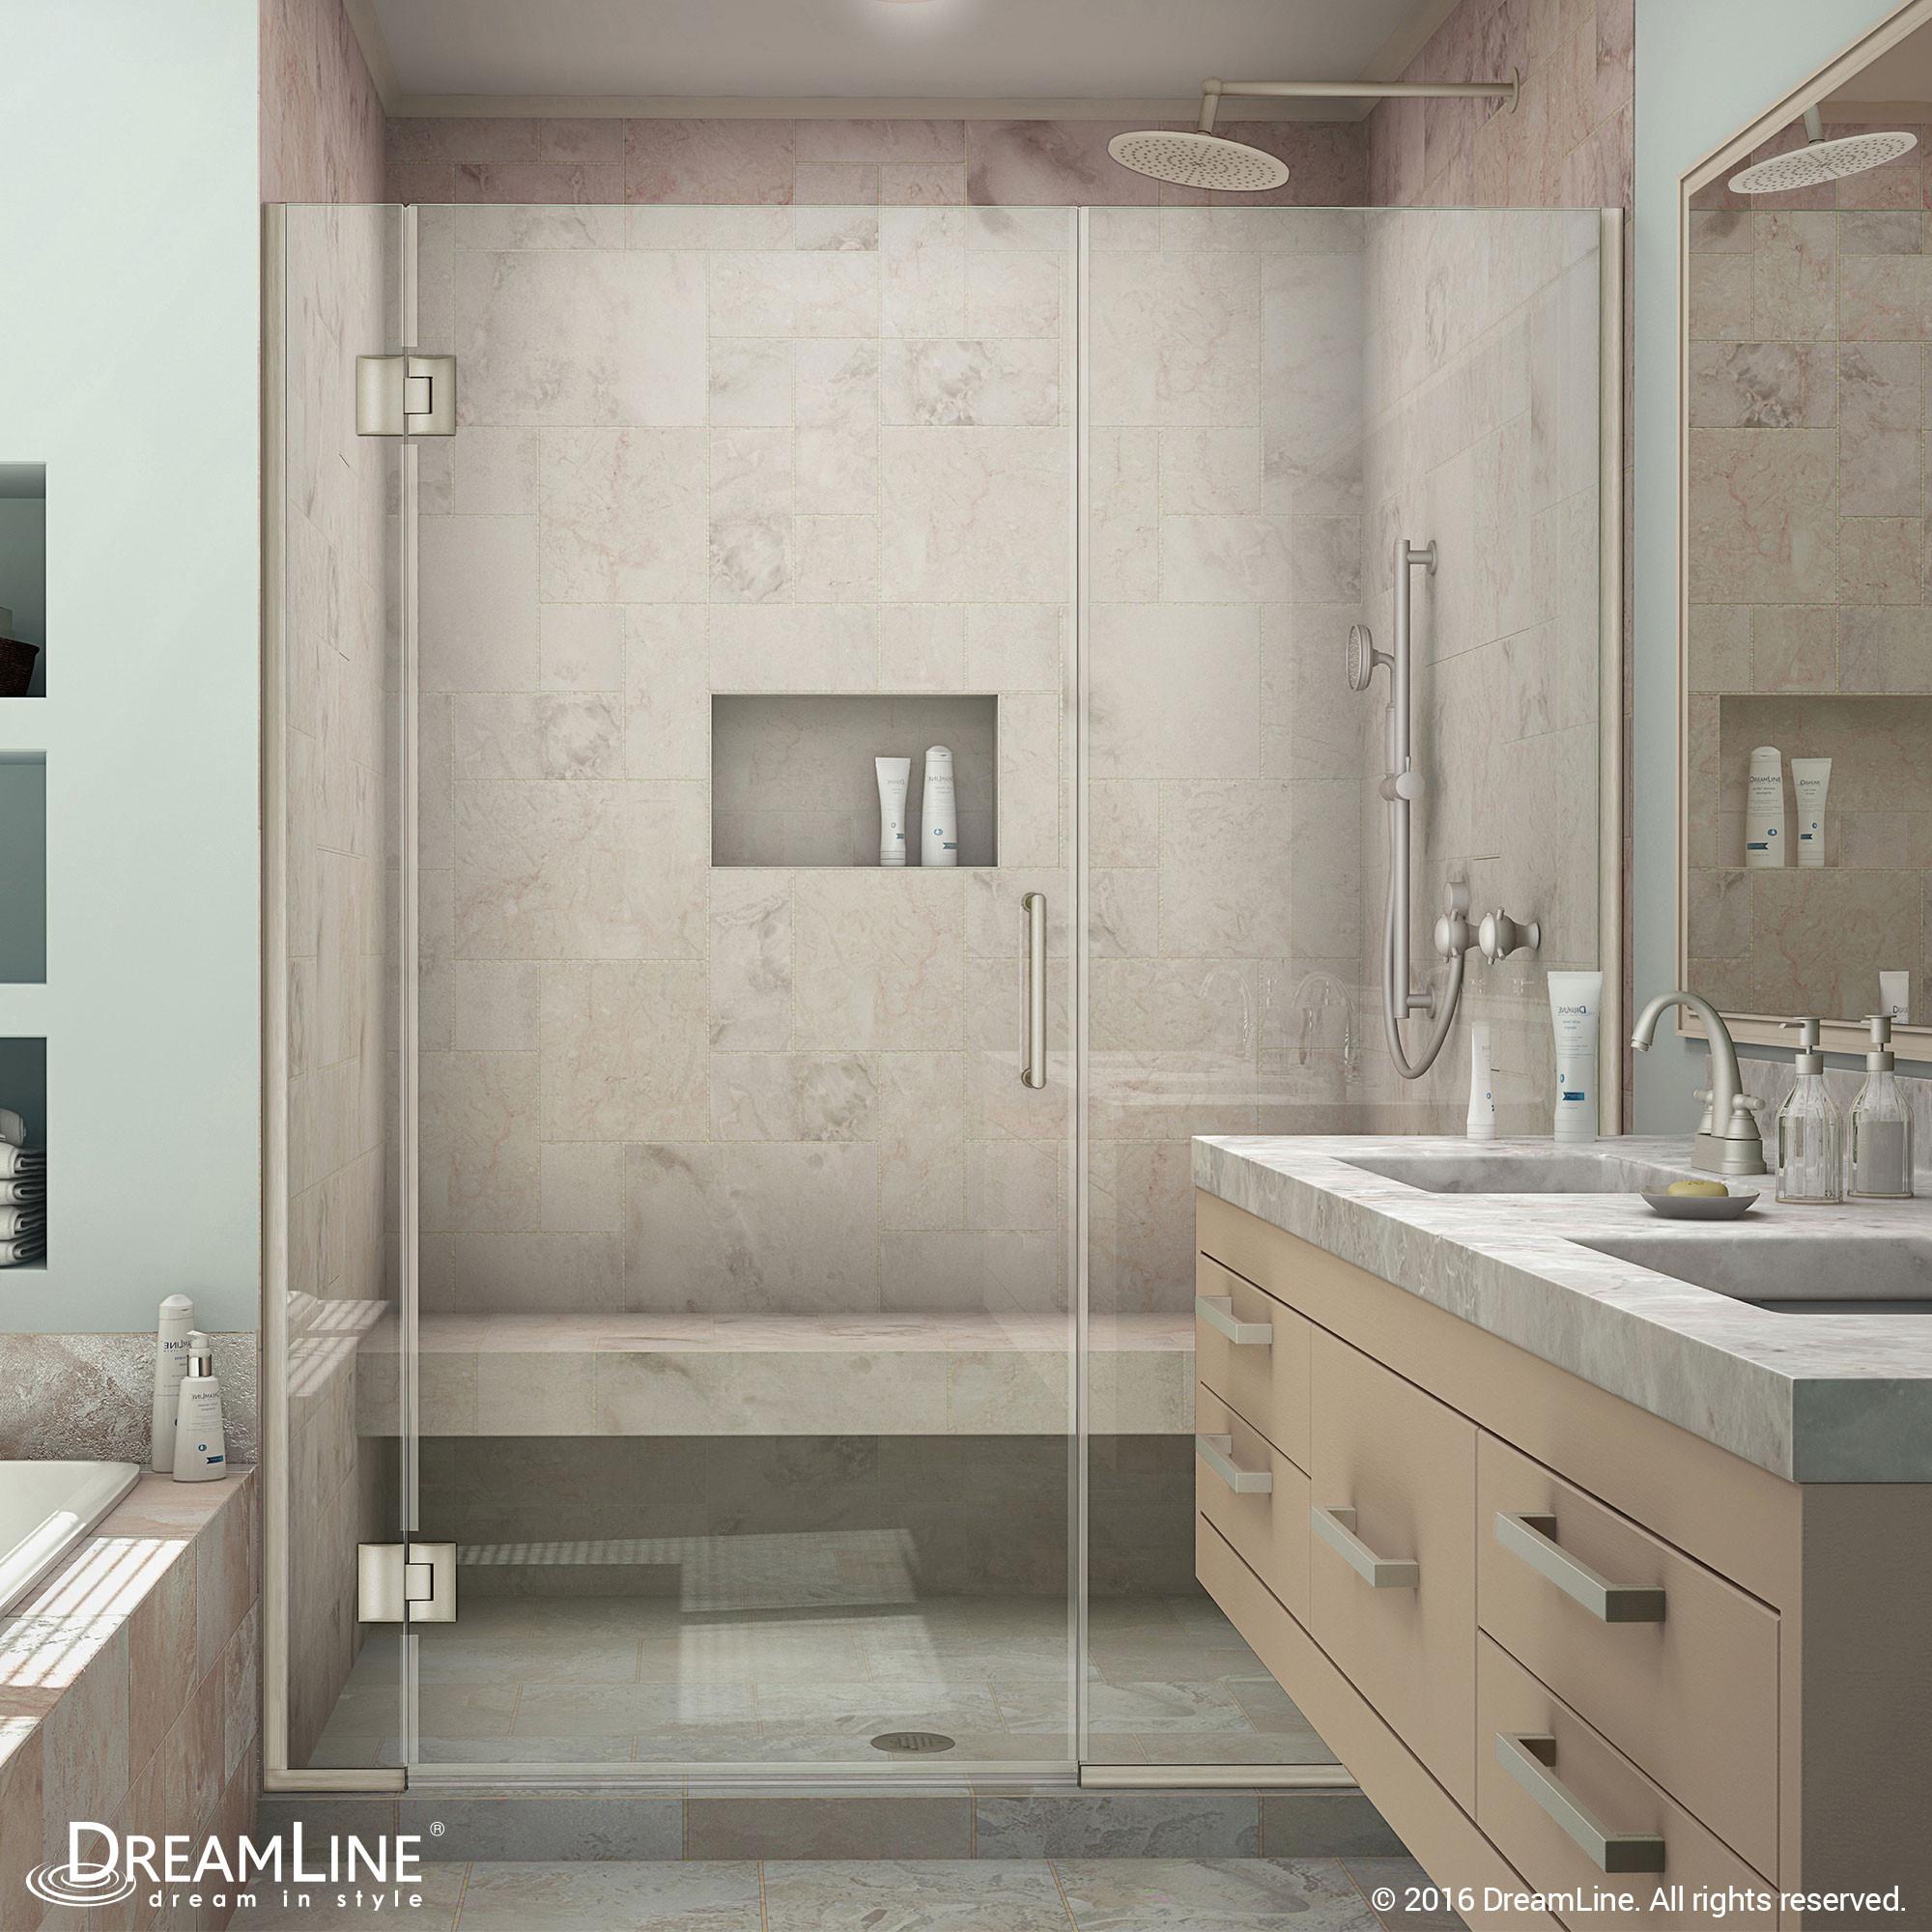 DreamLine D12814572-04 Brushed Nickel Unidoor-X 48 1/2 - 49 in. W x 72 in. H Hinged Shower Door